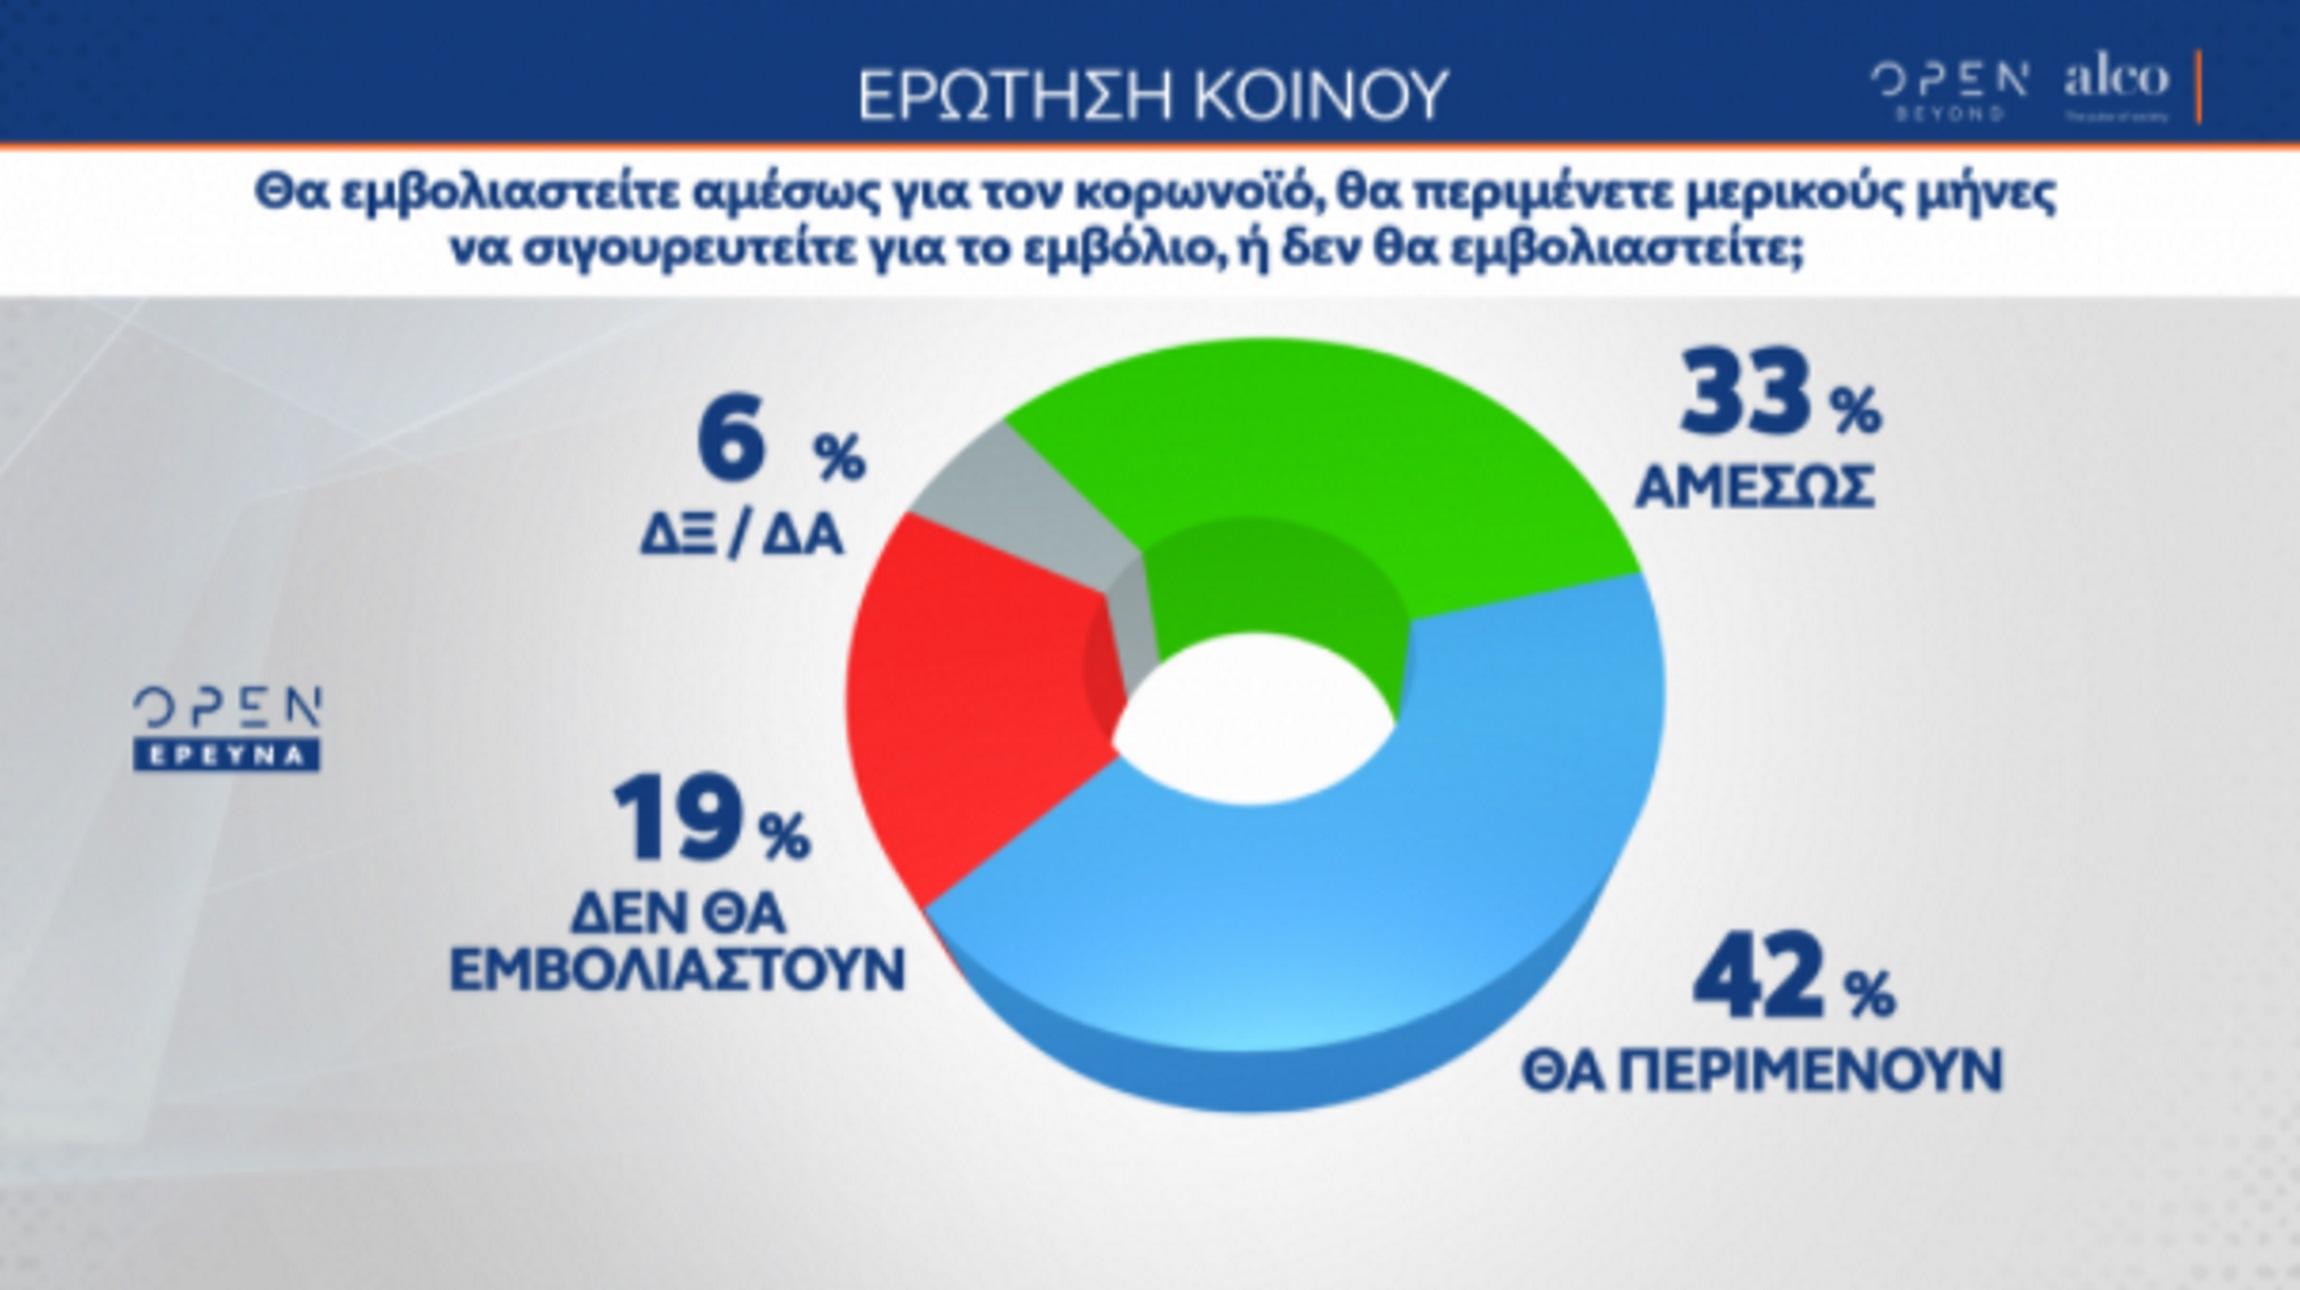 Δημοσκόπηση Alco: Επιφυλακτικό με το εμβόλιο το 40% – Σχεδόν 16 μονάδες η διαφορά ΝΔ και ΣΥΡΙΖΑ